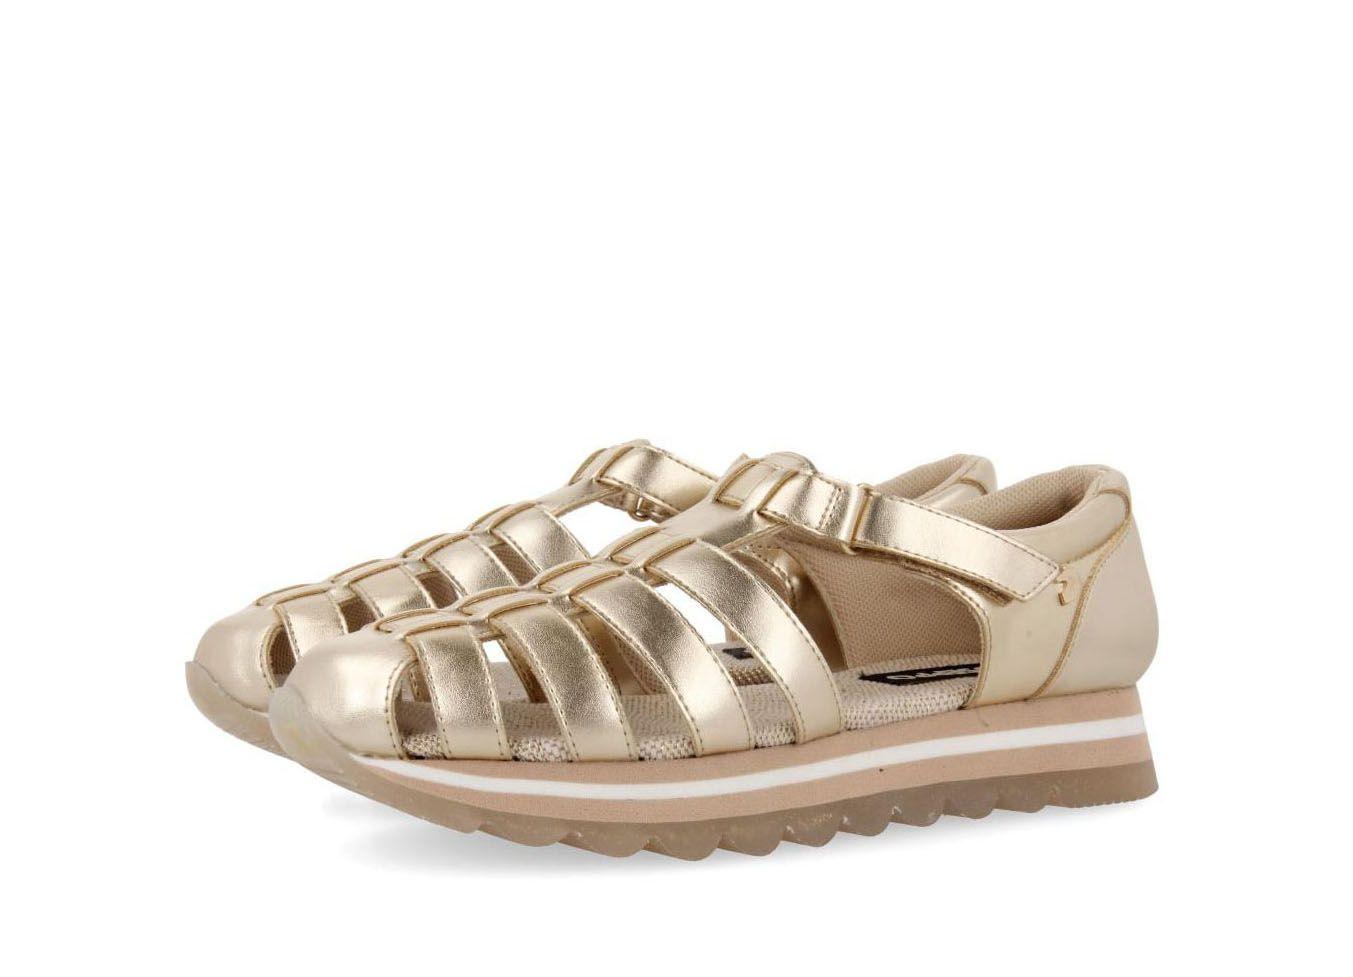 1b412186 Sandalias deportivas Gioseppo estilo cangrejera en oro LISCIA 49131